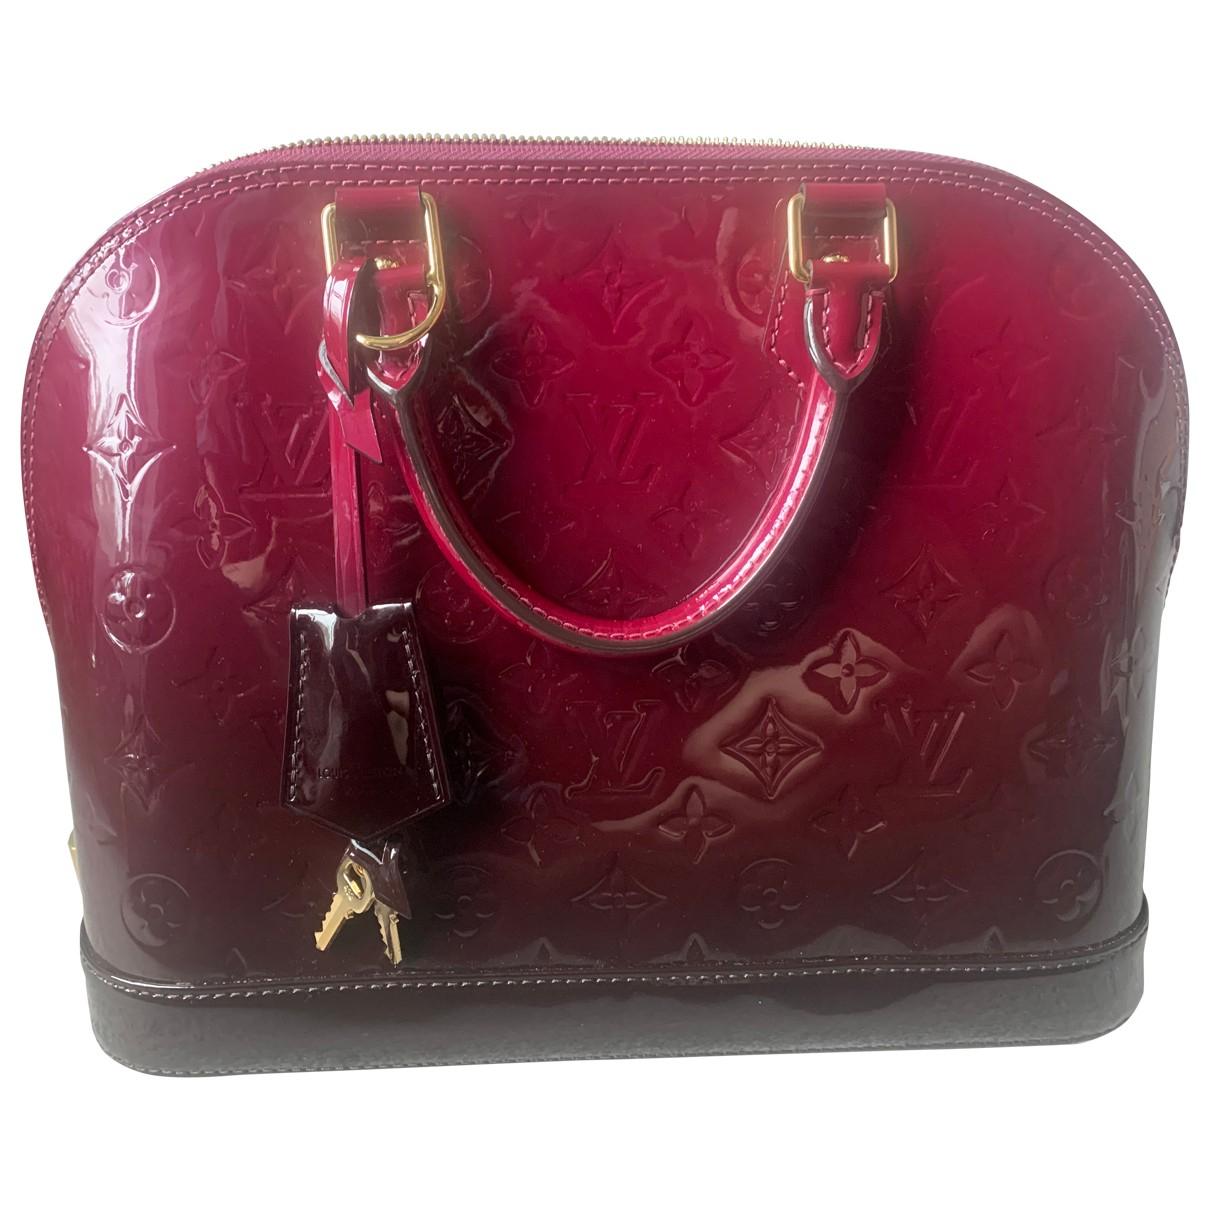 Louis Vuitton - Sac a main Alma pour femme en cuir verni - violet